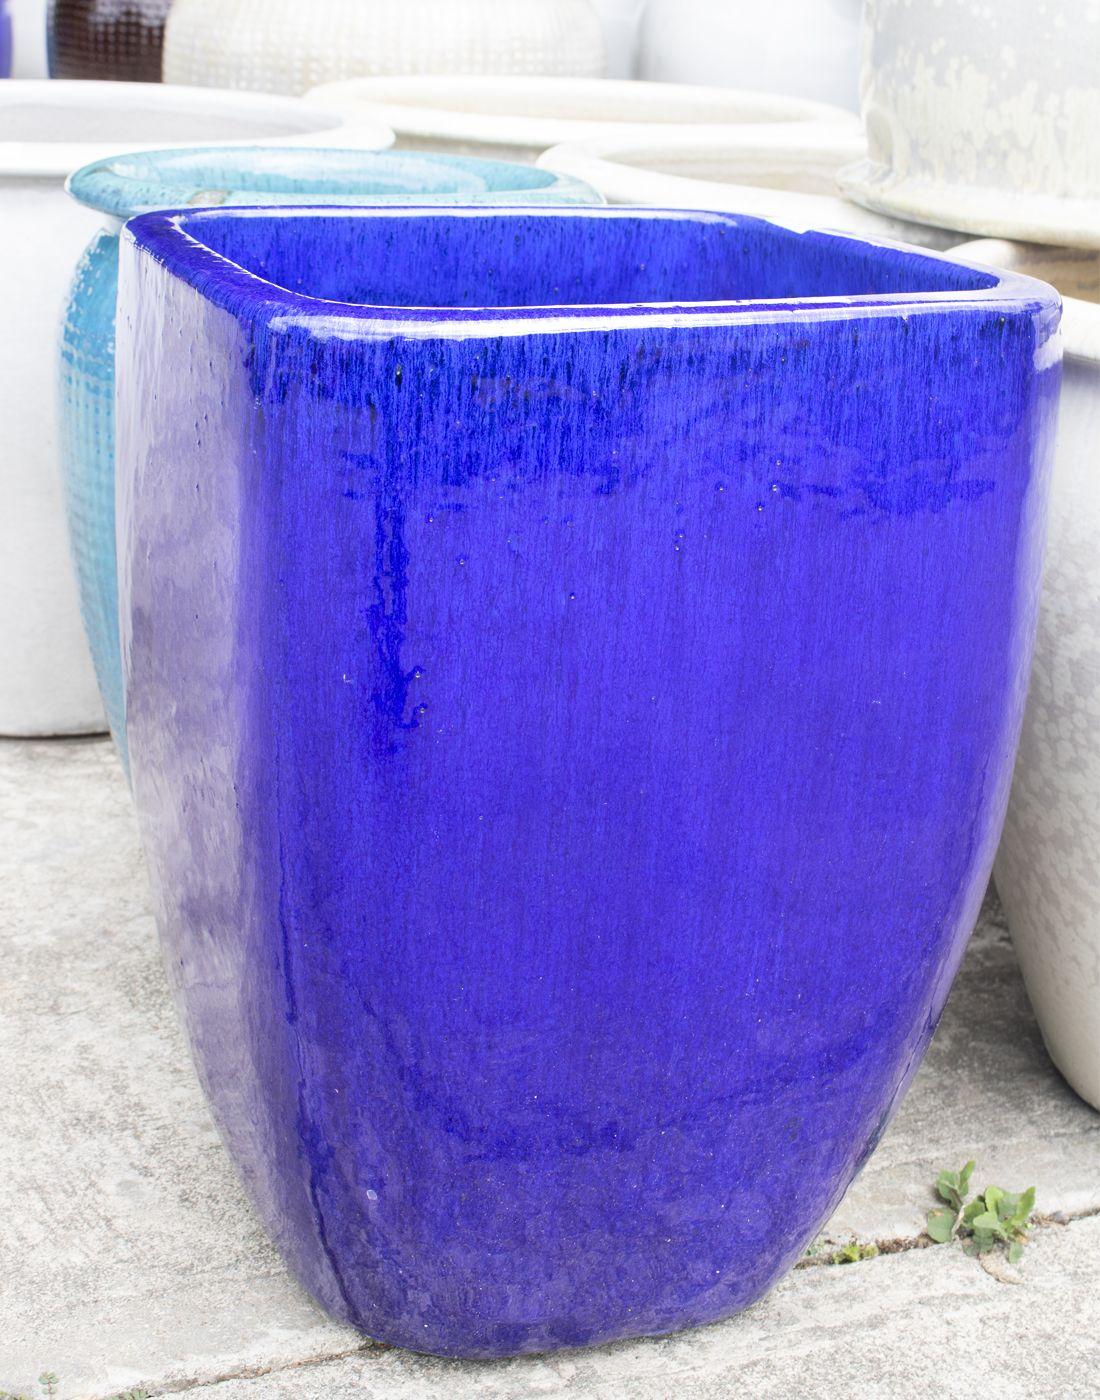 Cobalt Blue Square Ceramic Large Planters Google Search Large Planters Blue Square Planters